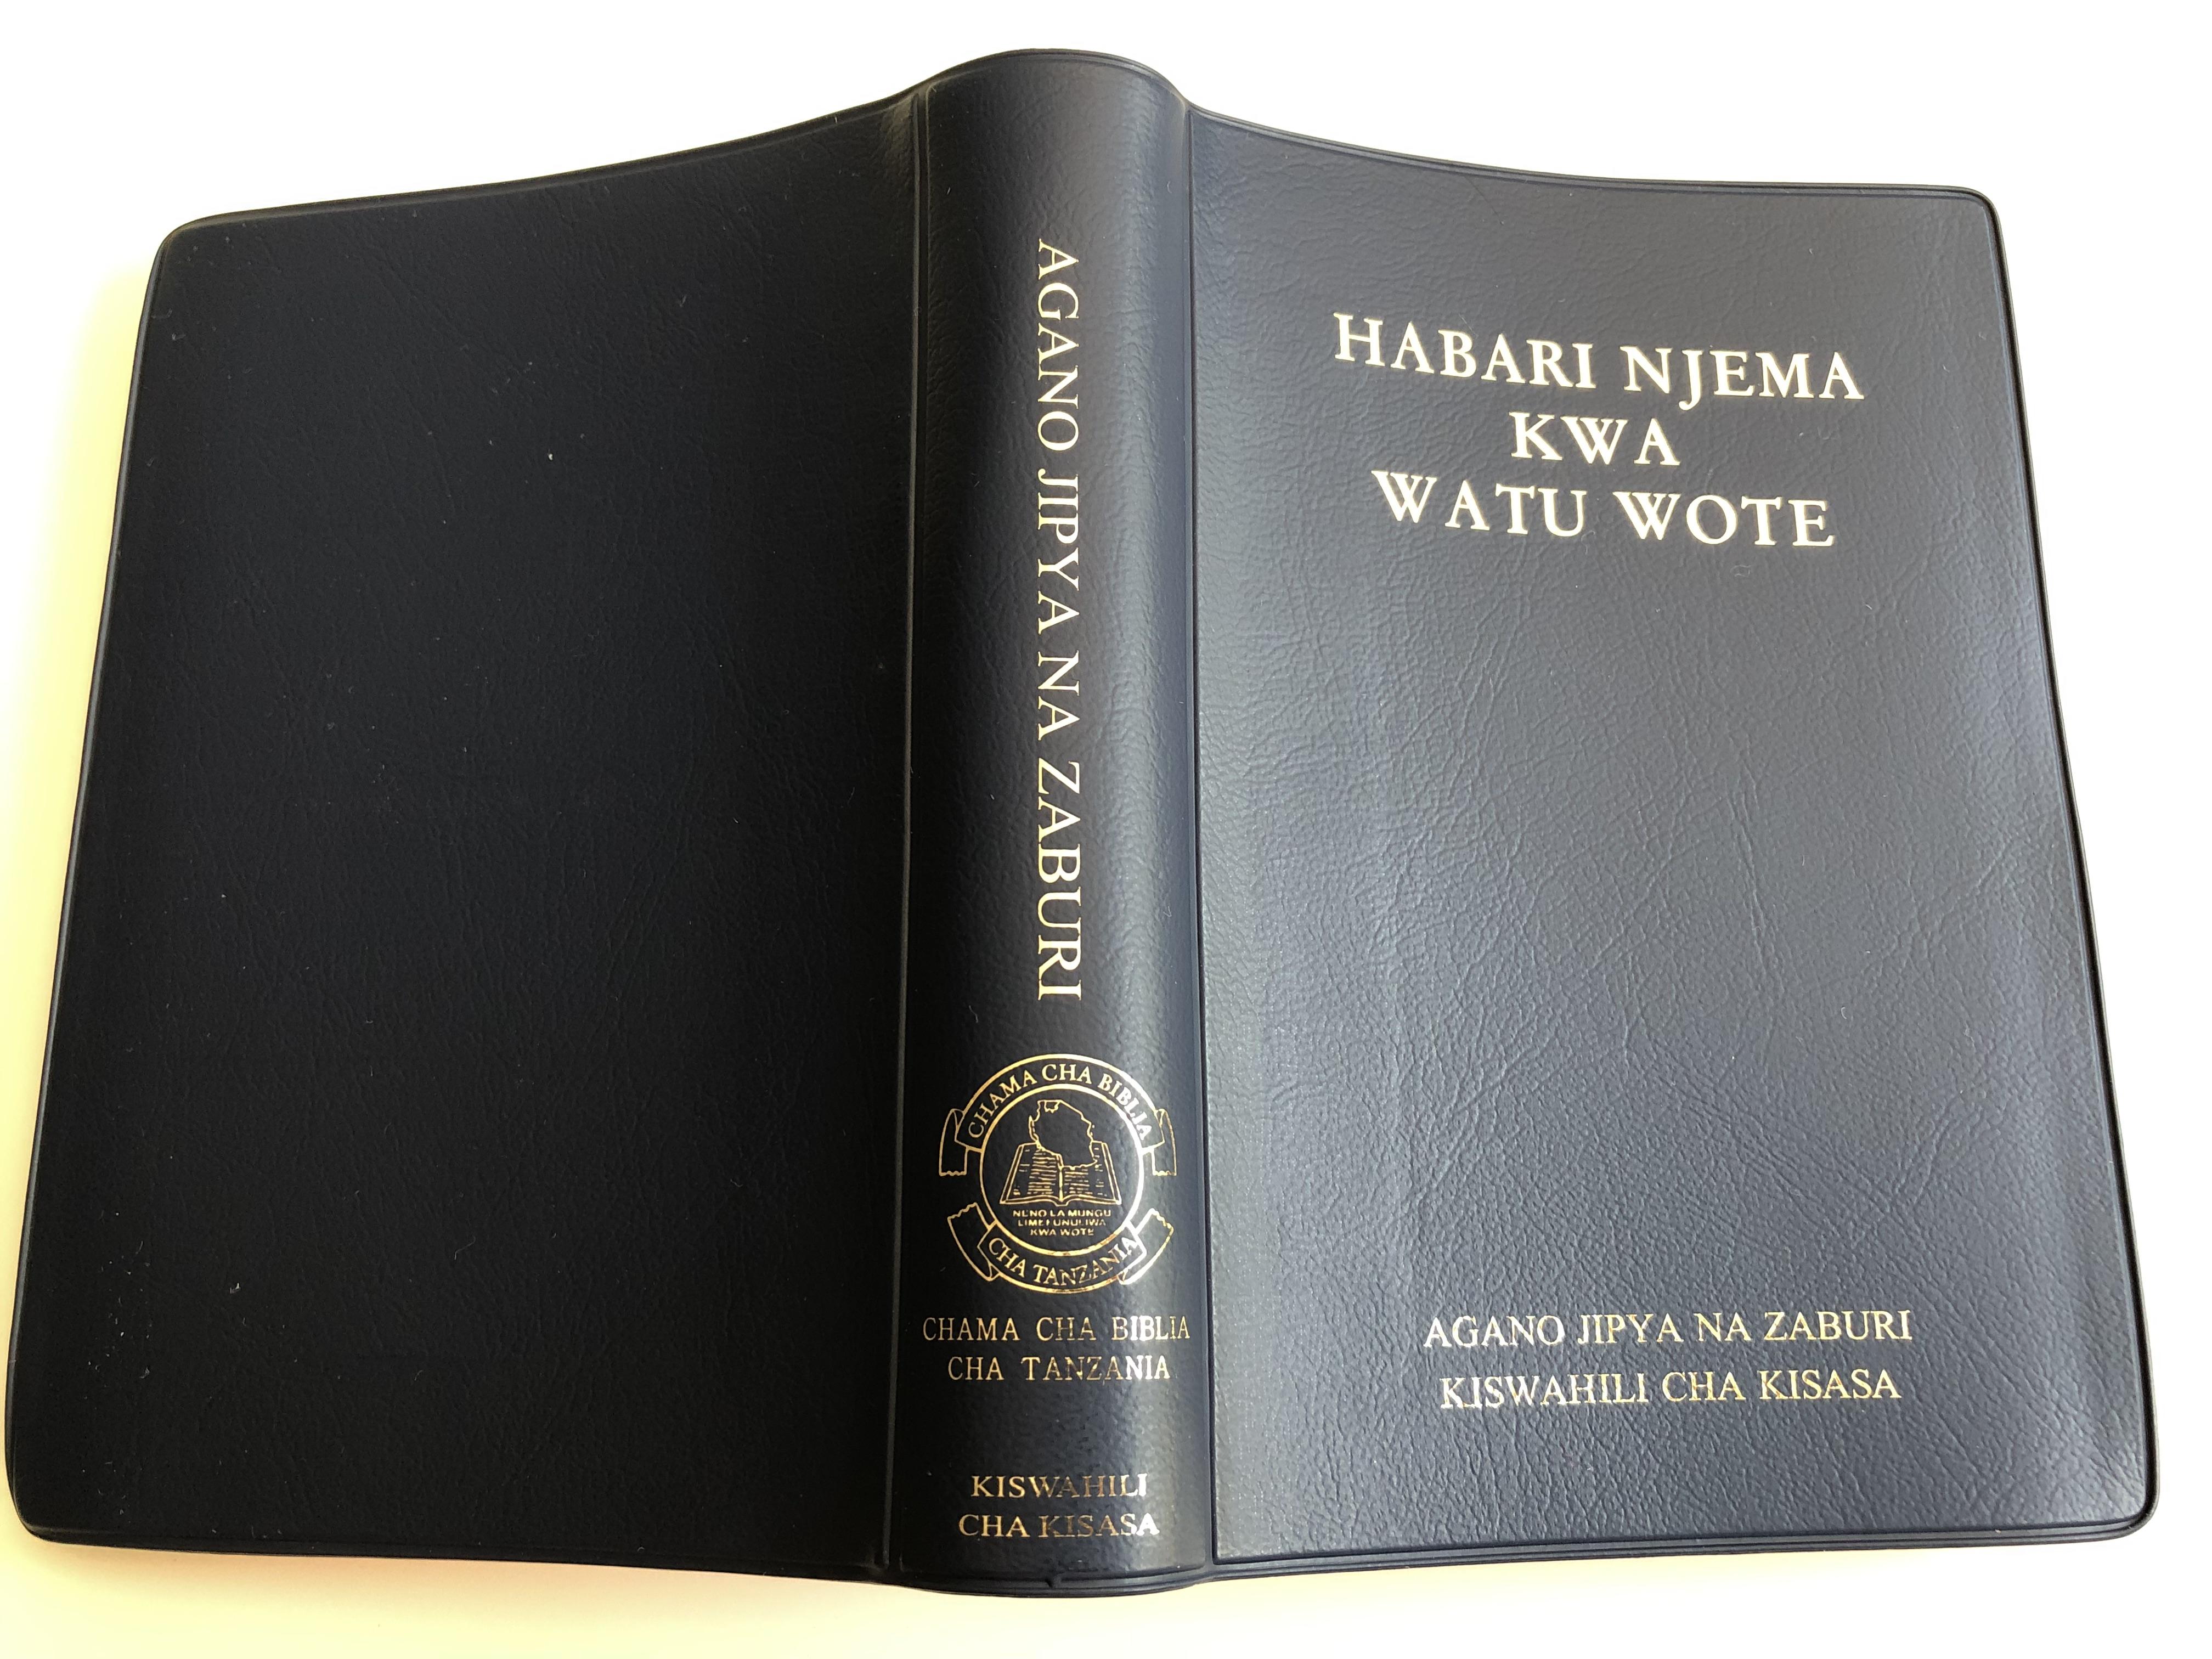 habari-njema-kwa-watu-wote-the-new-testament-and-psalms-in-kiswahili-agano-jipya-na-zaburi-kiswahili-cha-kisasa-softcover-vynil-bound-bible-societies-of-kenya-tanzania-nairobi-dodoma-2010-2-.jpg